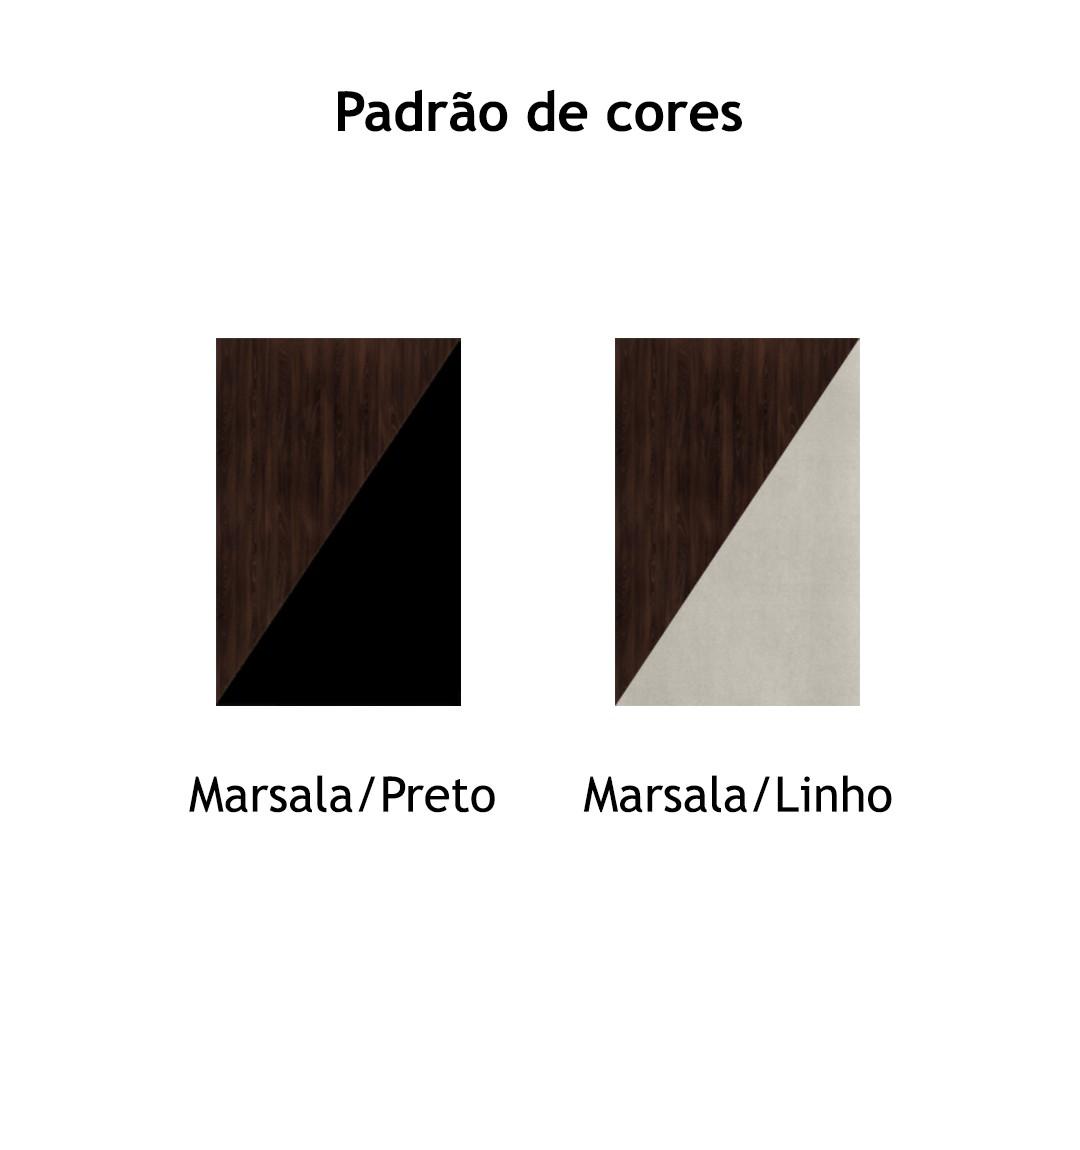 ARMÁRIO ALTO COM 2 PORTAS DE ABRIR E 8 PRATELEIRAS INTERNAS EDGE